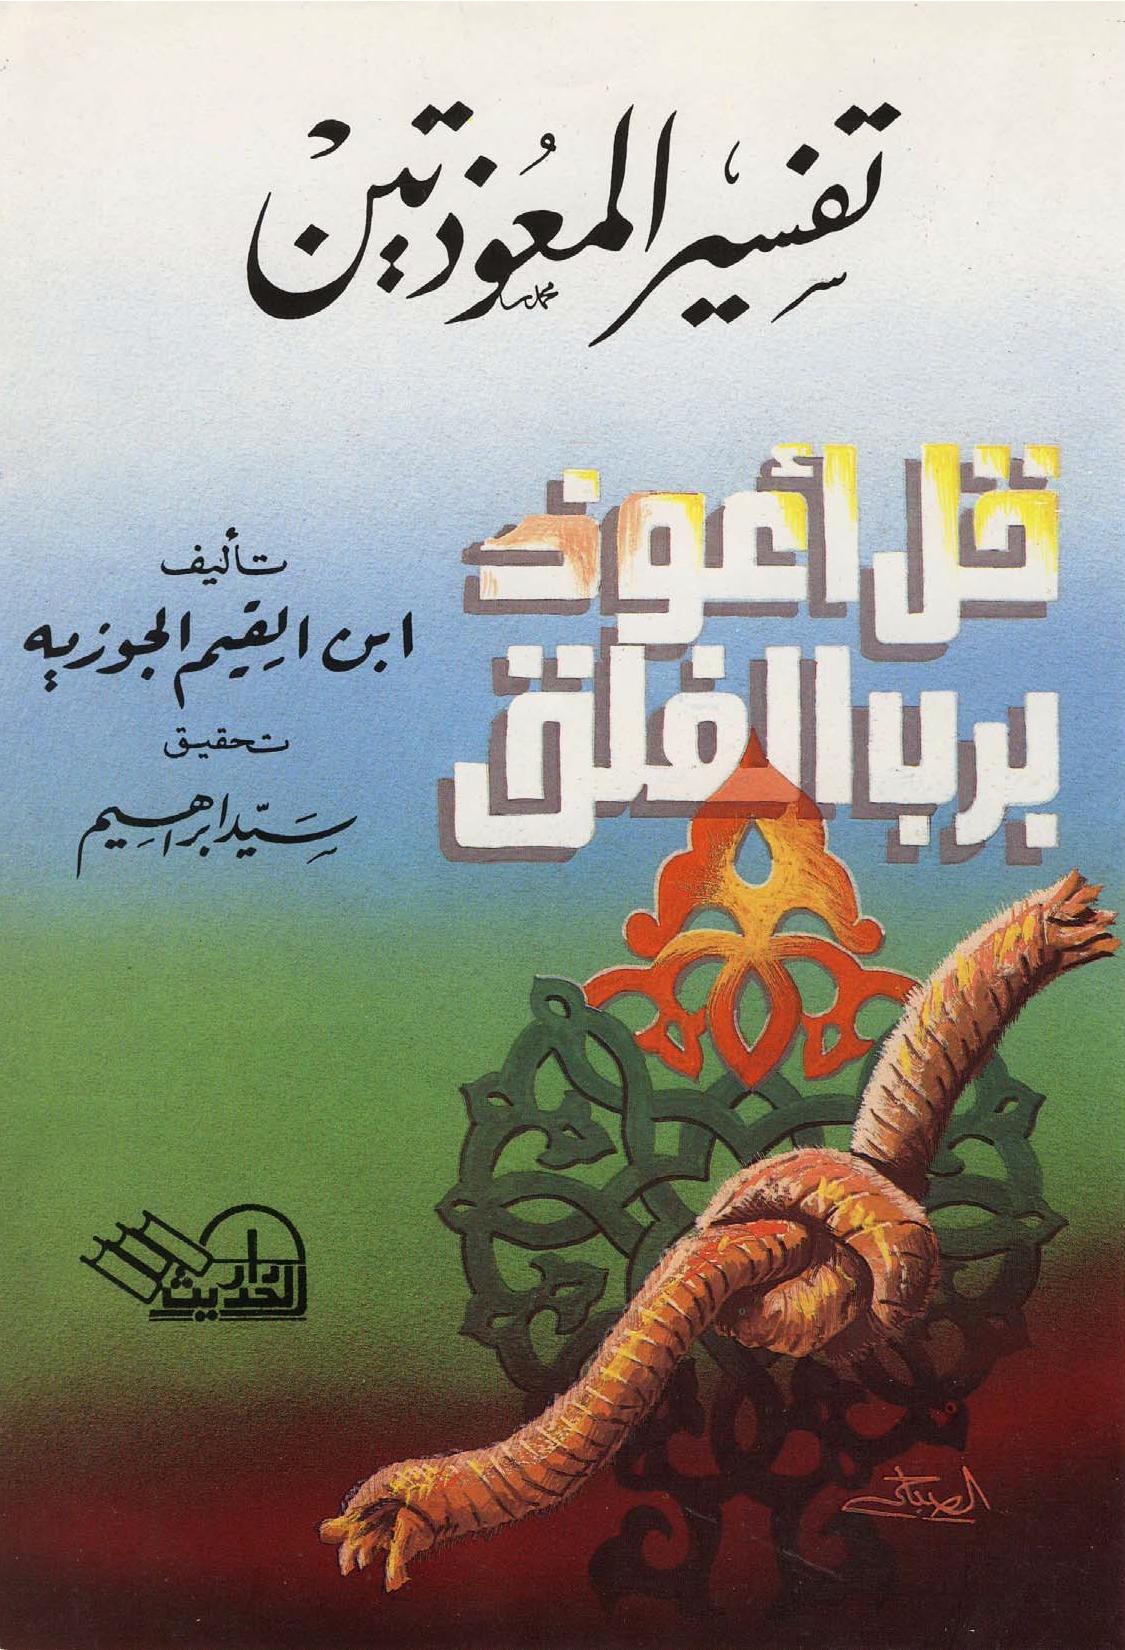 تحميل كتاب تفسير المعوذتين (ابن القيم) لـِ: الإمام محمد بن أبي بكر بن أيوب بن سعد شمس الدين، ابن قيم الجوزية (ت 751)